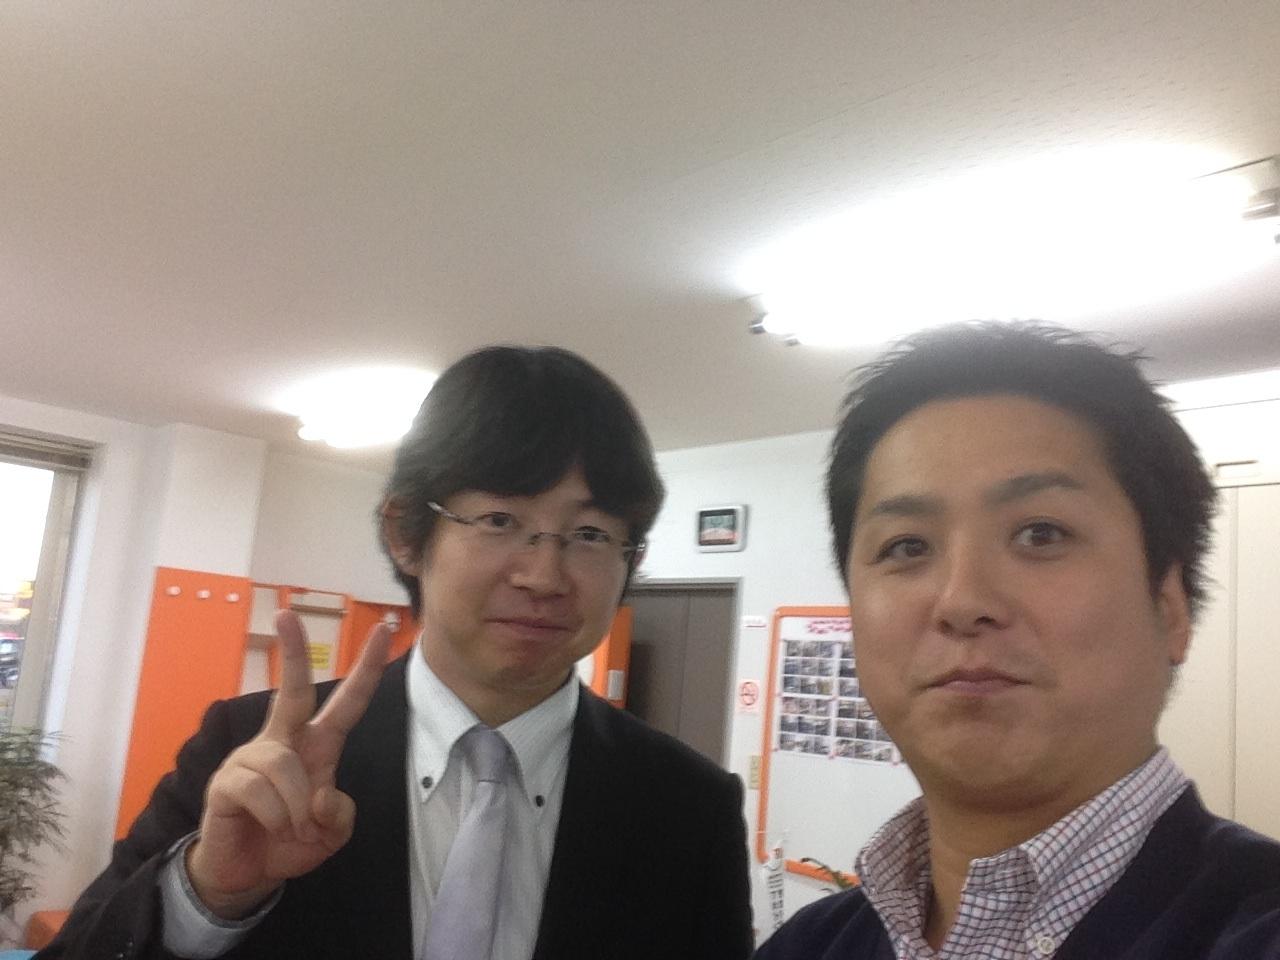 ノア・ヴォクシー・タント・ラパン・ライフ・軽自動車・店長クマブログ_b0127002_19243343.jpg